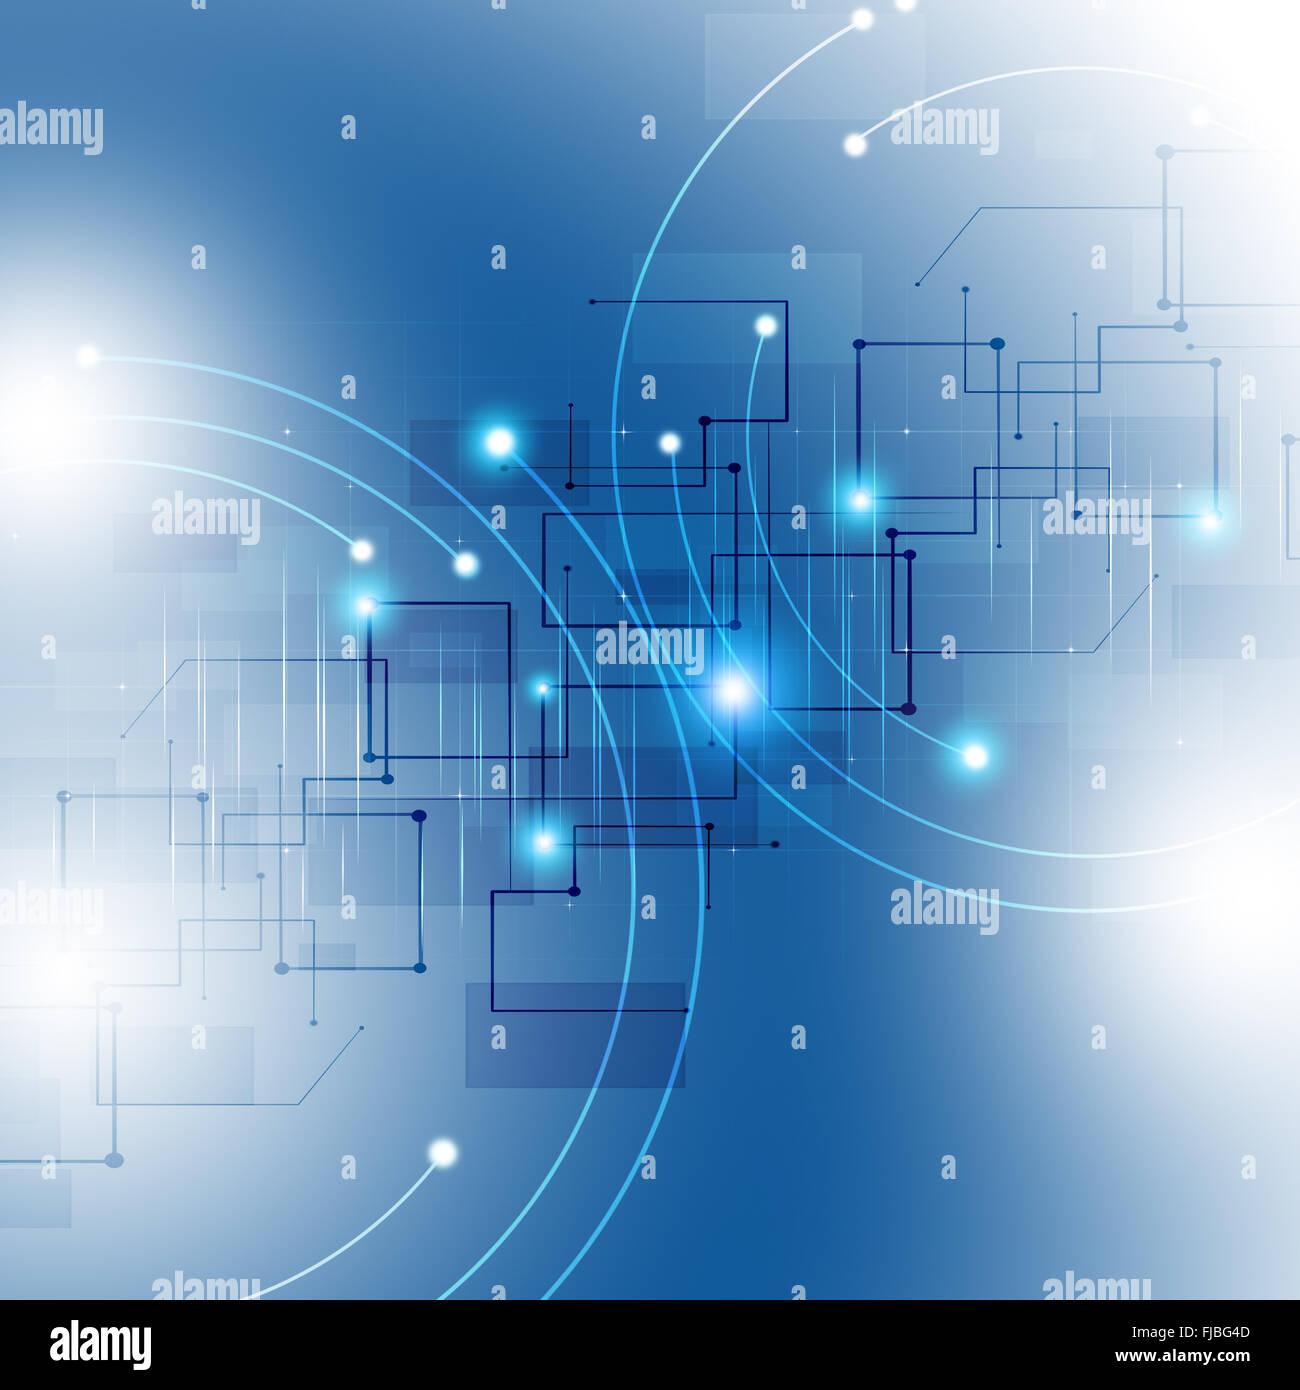 Conexión de red global de tecnología abstracto fondo azul Imagen De Stock